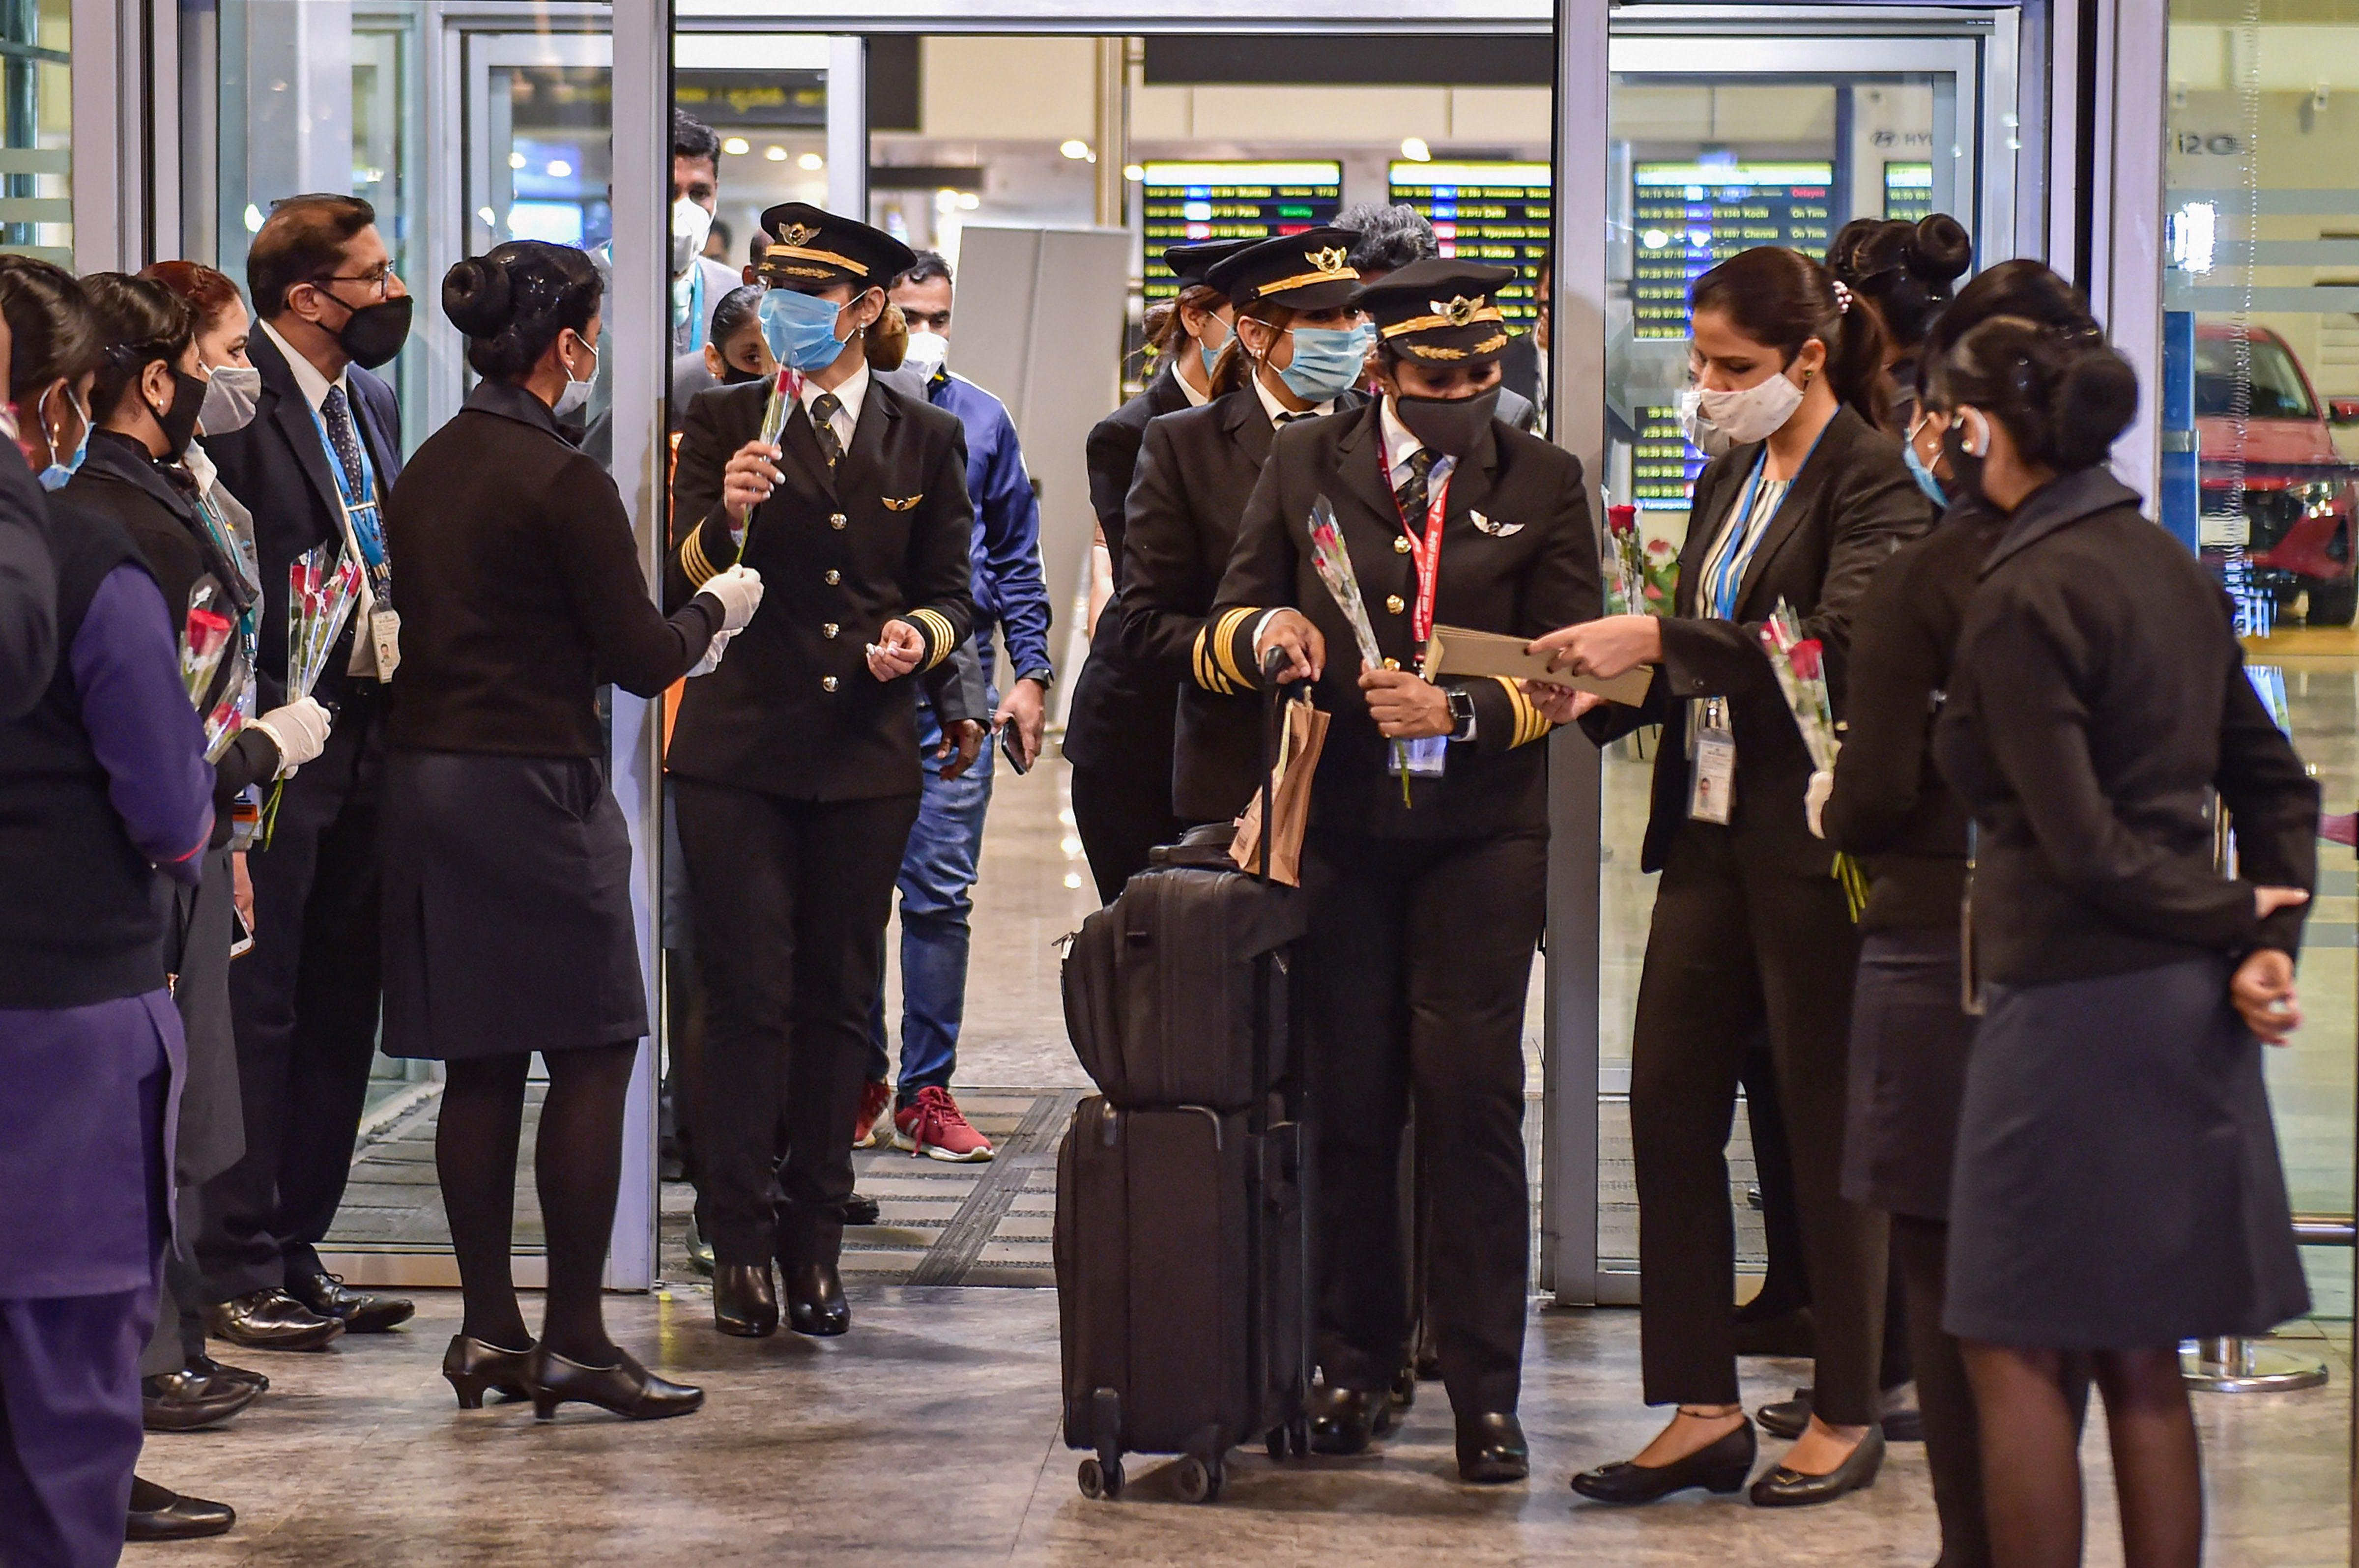 एयरपोर्ट लॉबी में एयर इंडिया के स्टाफ ने सभी क्रू मेंबर्स का स्वागत किया।